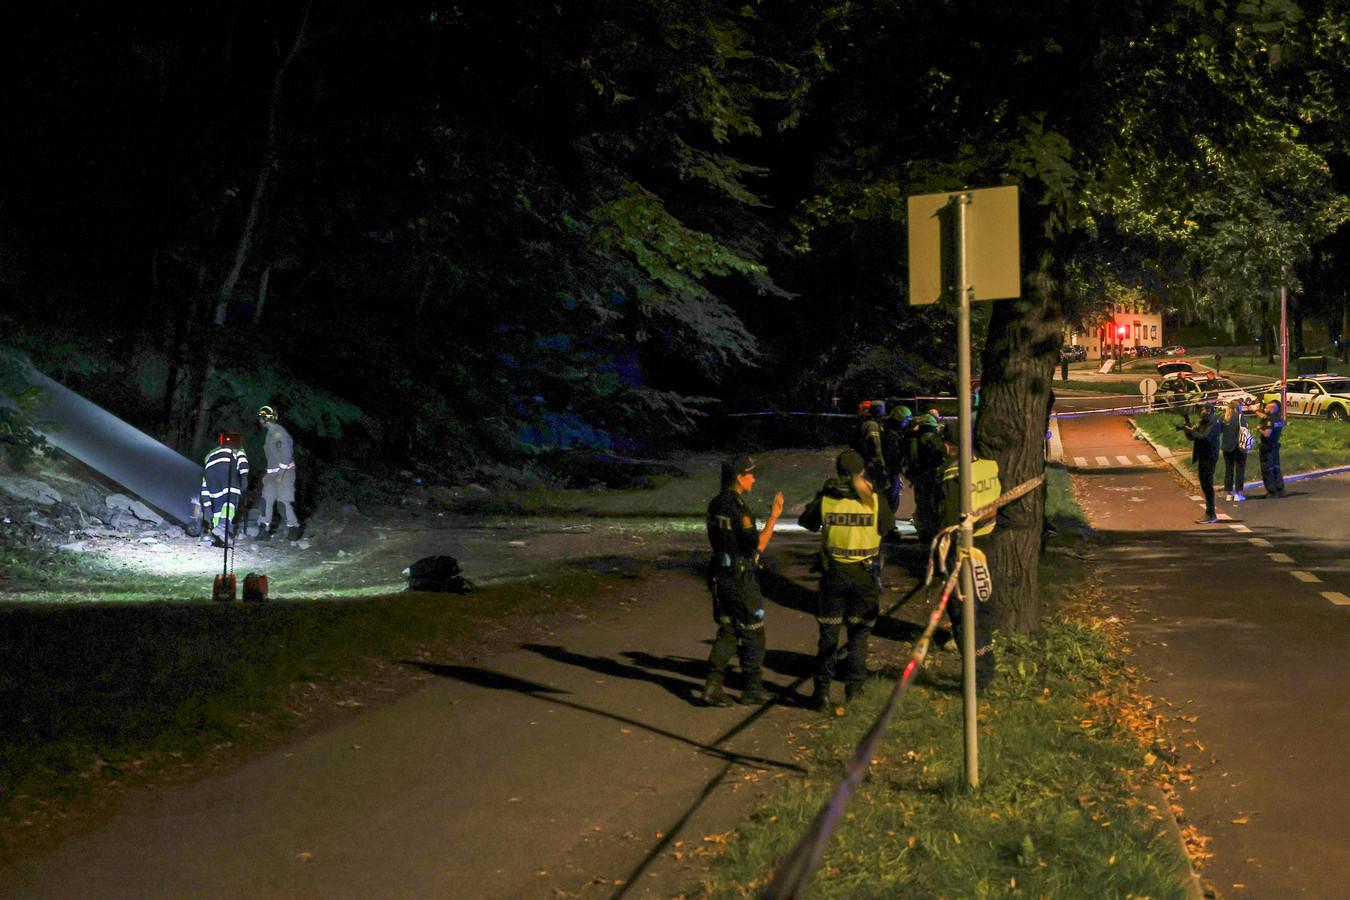 De politie inspecteert de bunker waar het feest plaatsvond.